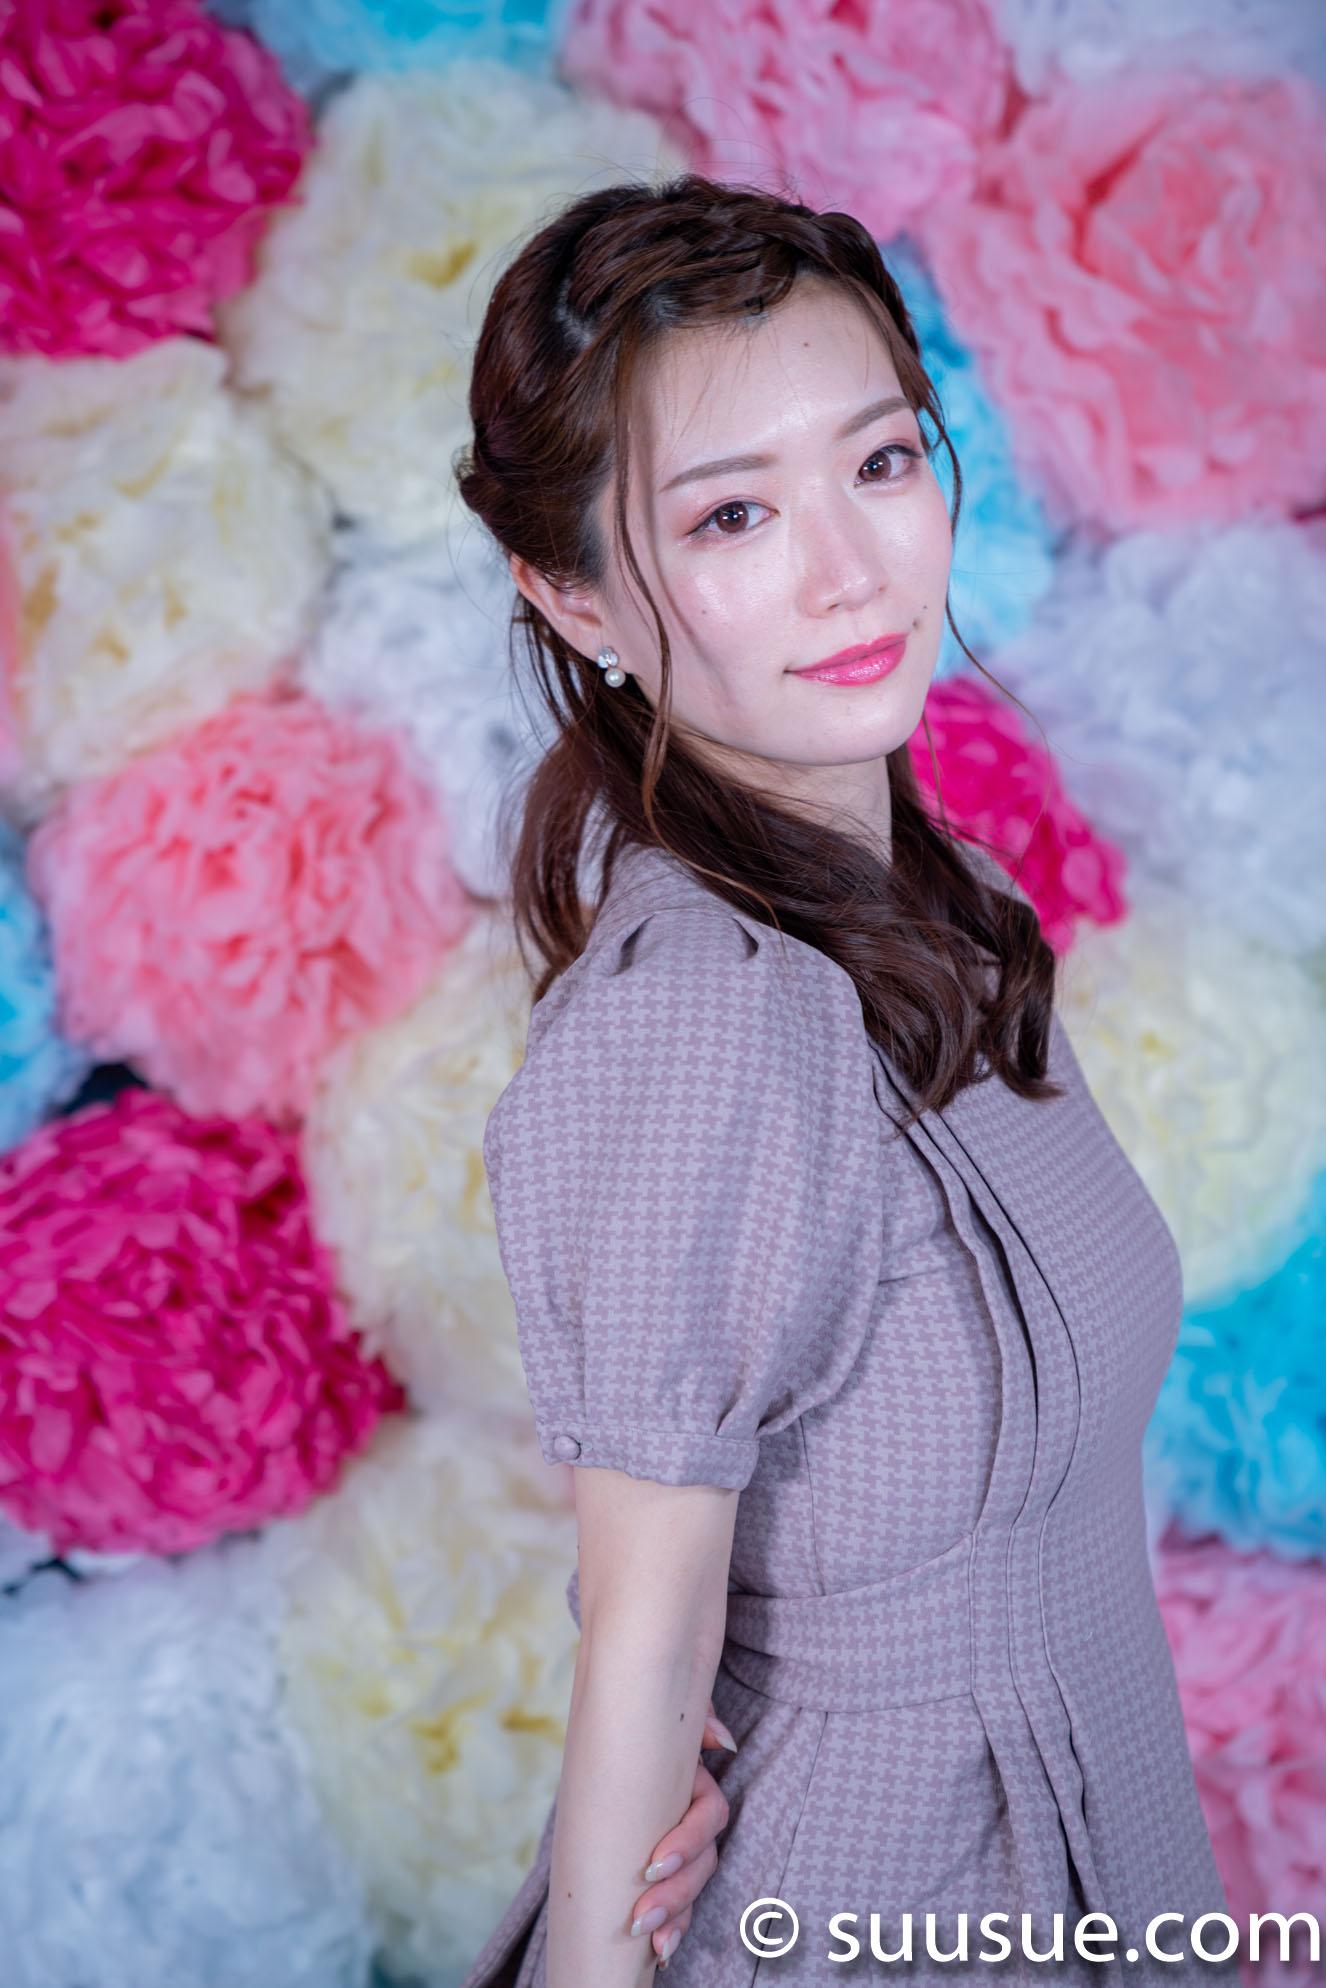 小嶋みやび NewType撮影会 2019/03/21